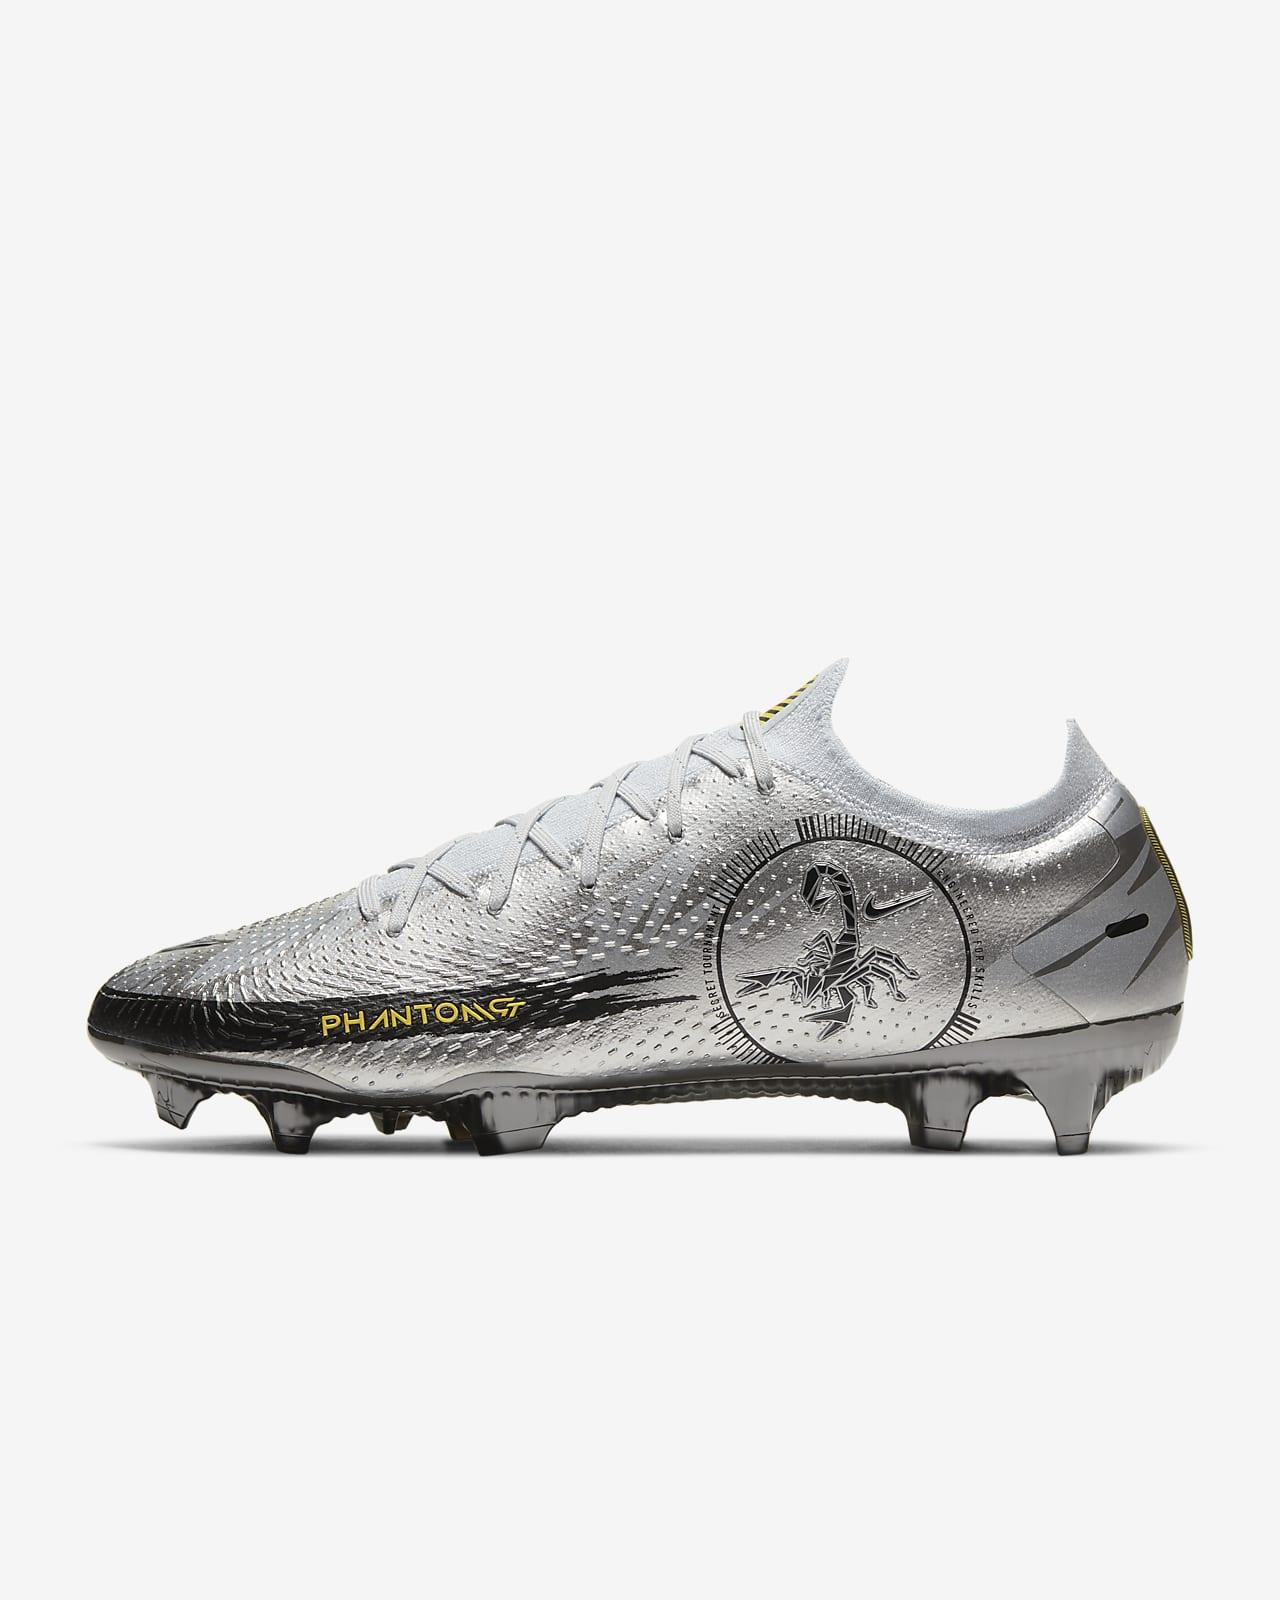 Fotbollssko för gräs Nike Phantom Scorpion Elite FG